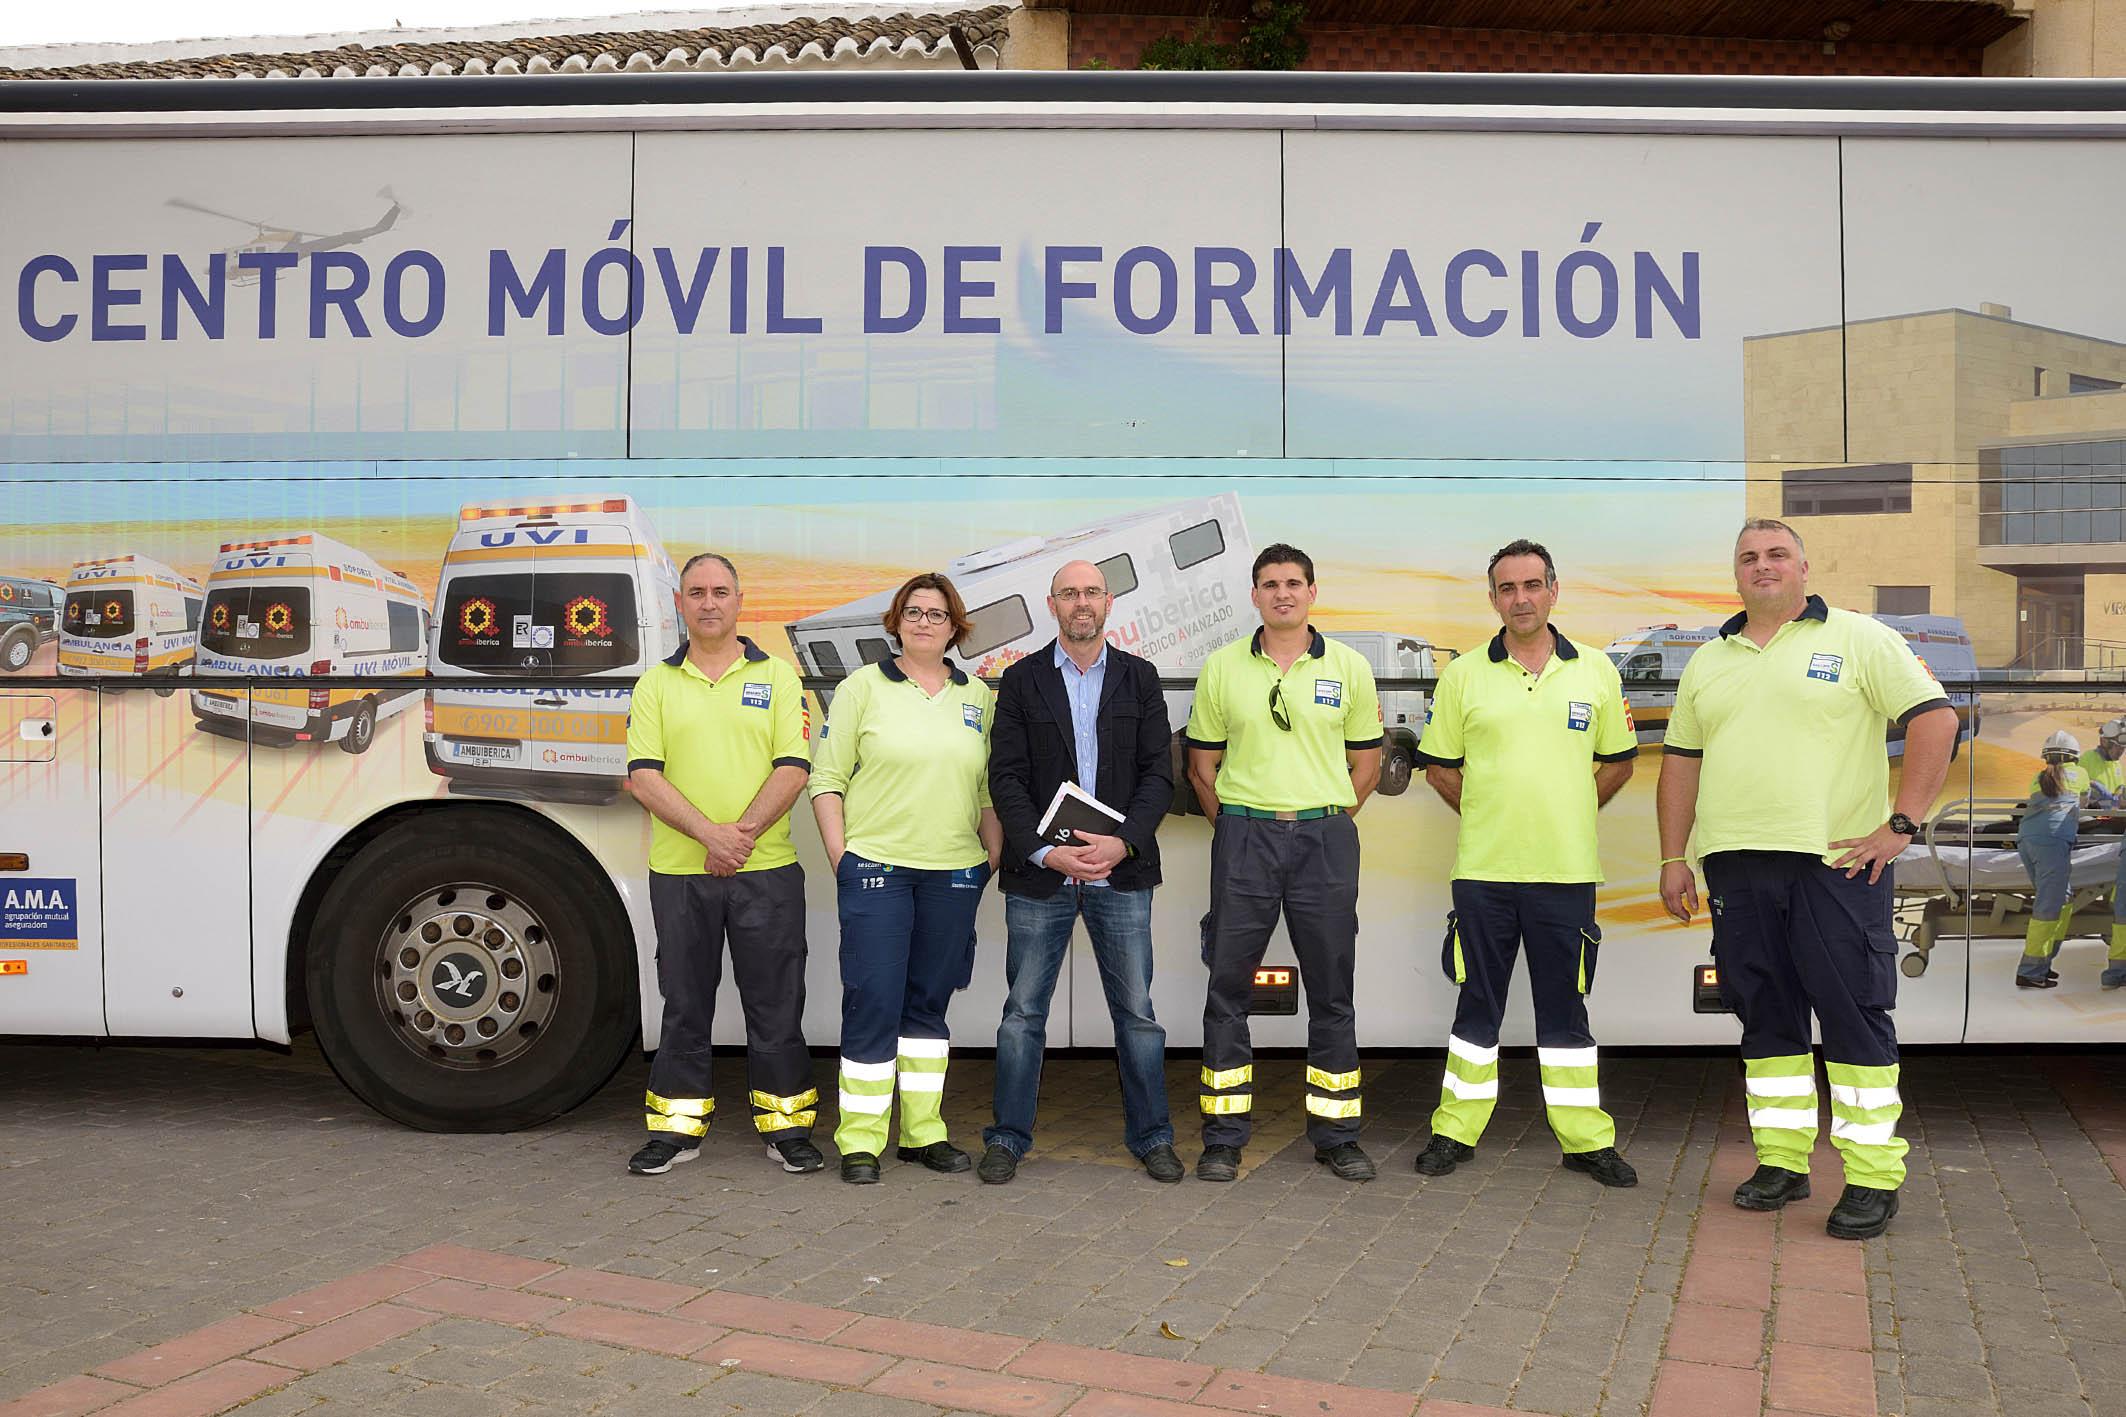 La Fundación Ambuibérica imparte en Argamasilla de Alba cursos de Primeros Auxilios